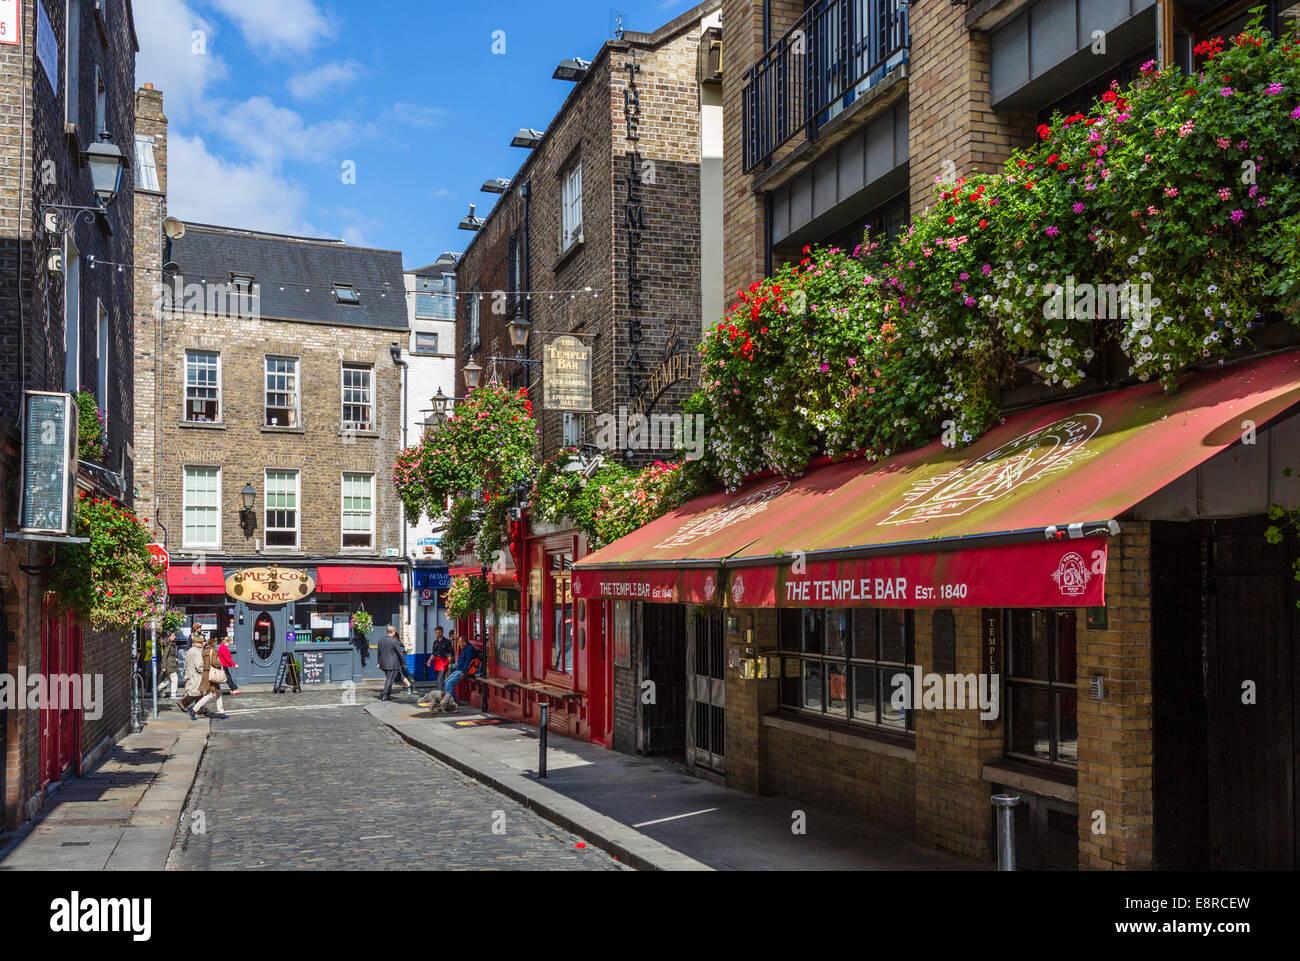 Le Temple Lane entrée de la pub de Temple Bar, Temple Bar, Dublin, République d'Irlande Banque D'Images